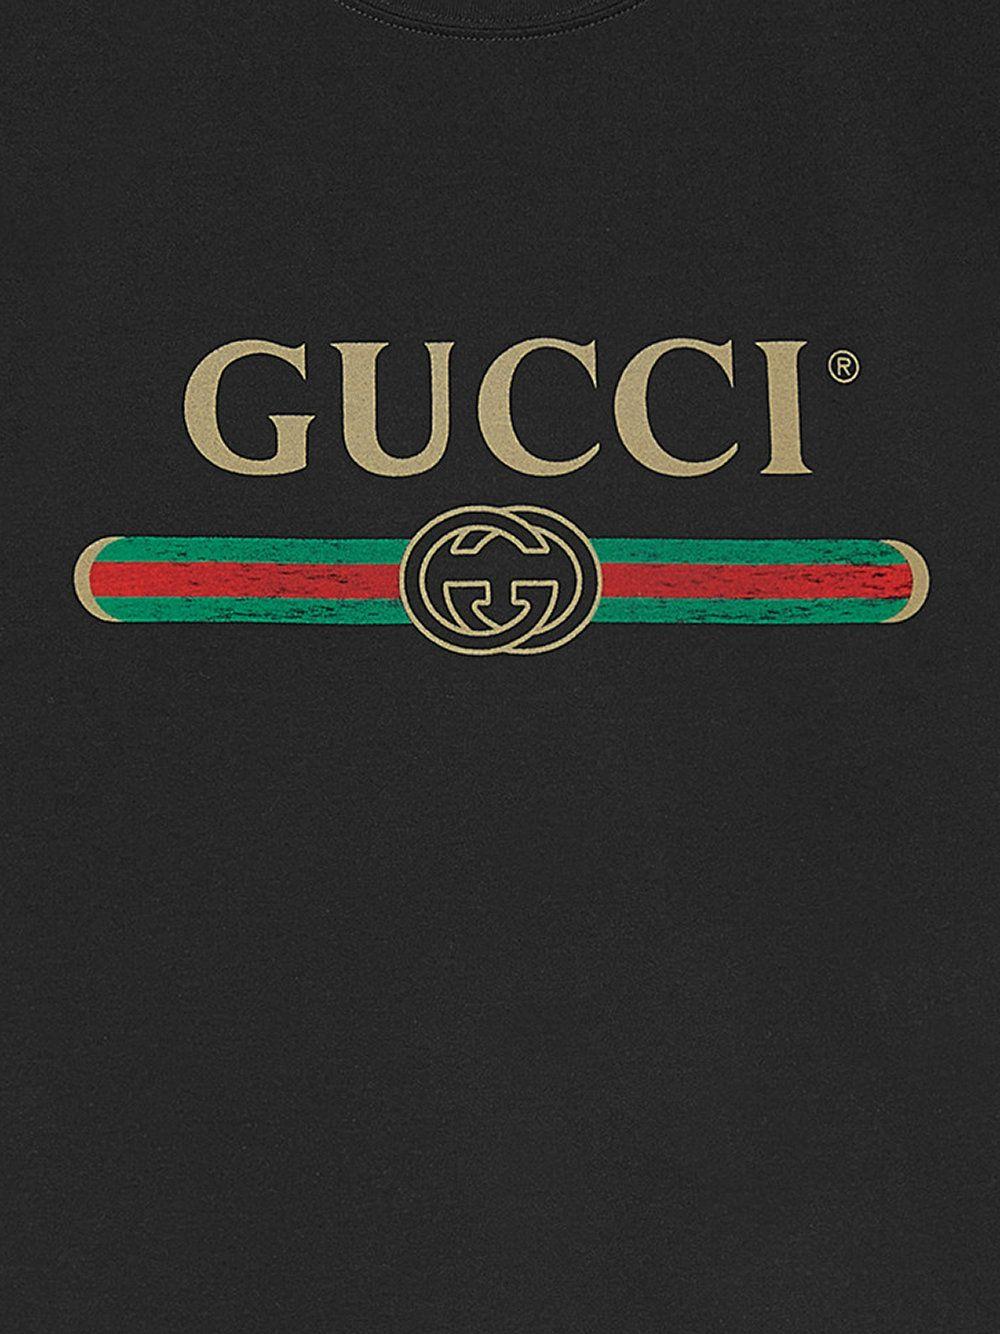 Gucci футболка с логотипом бренда Футболки, Логотип